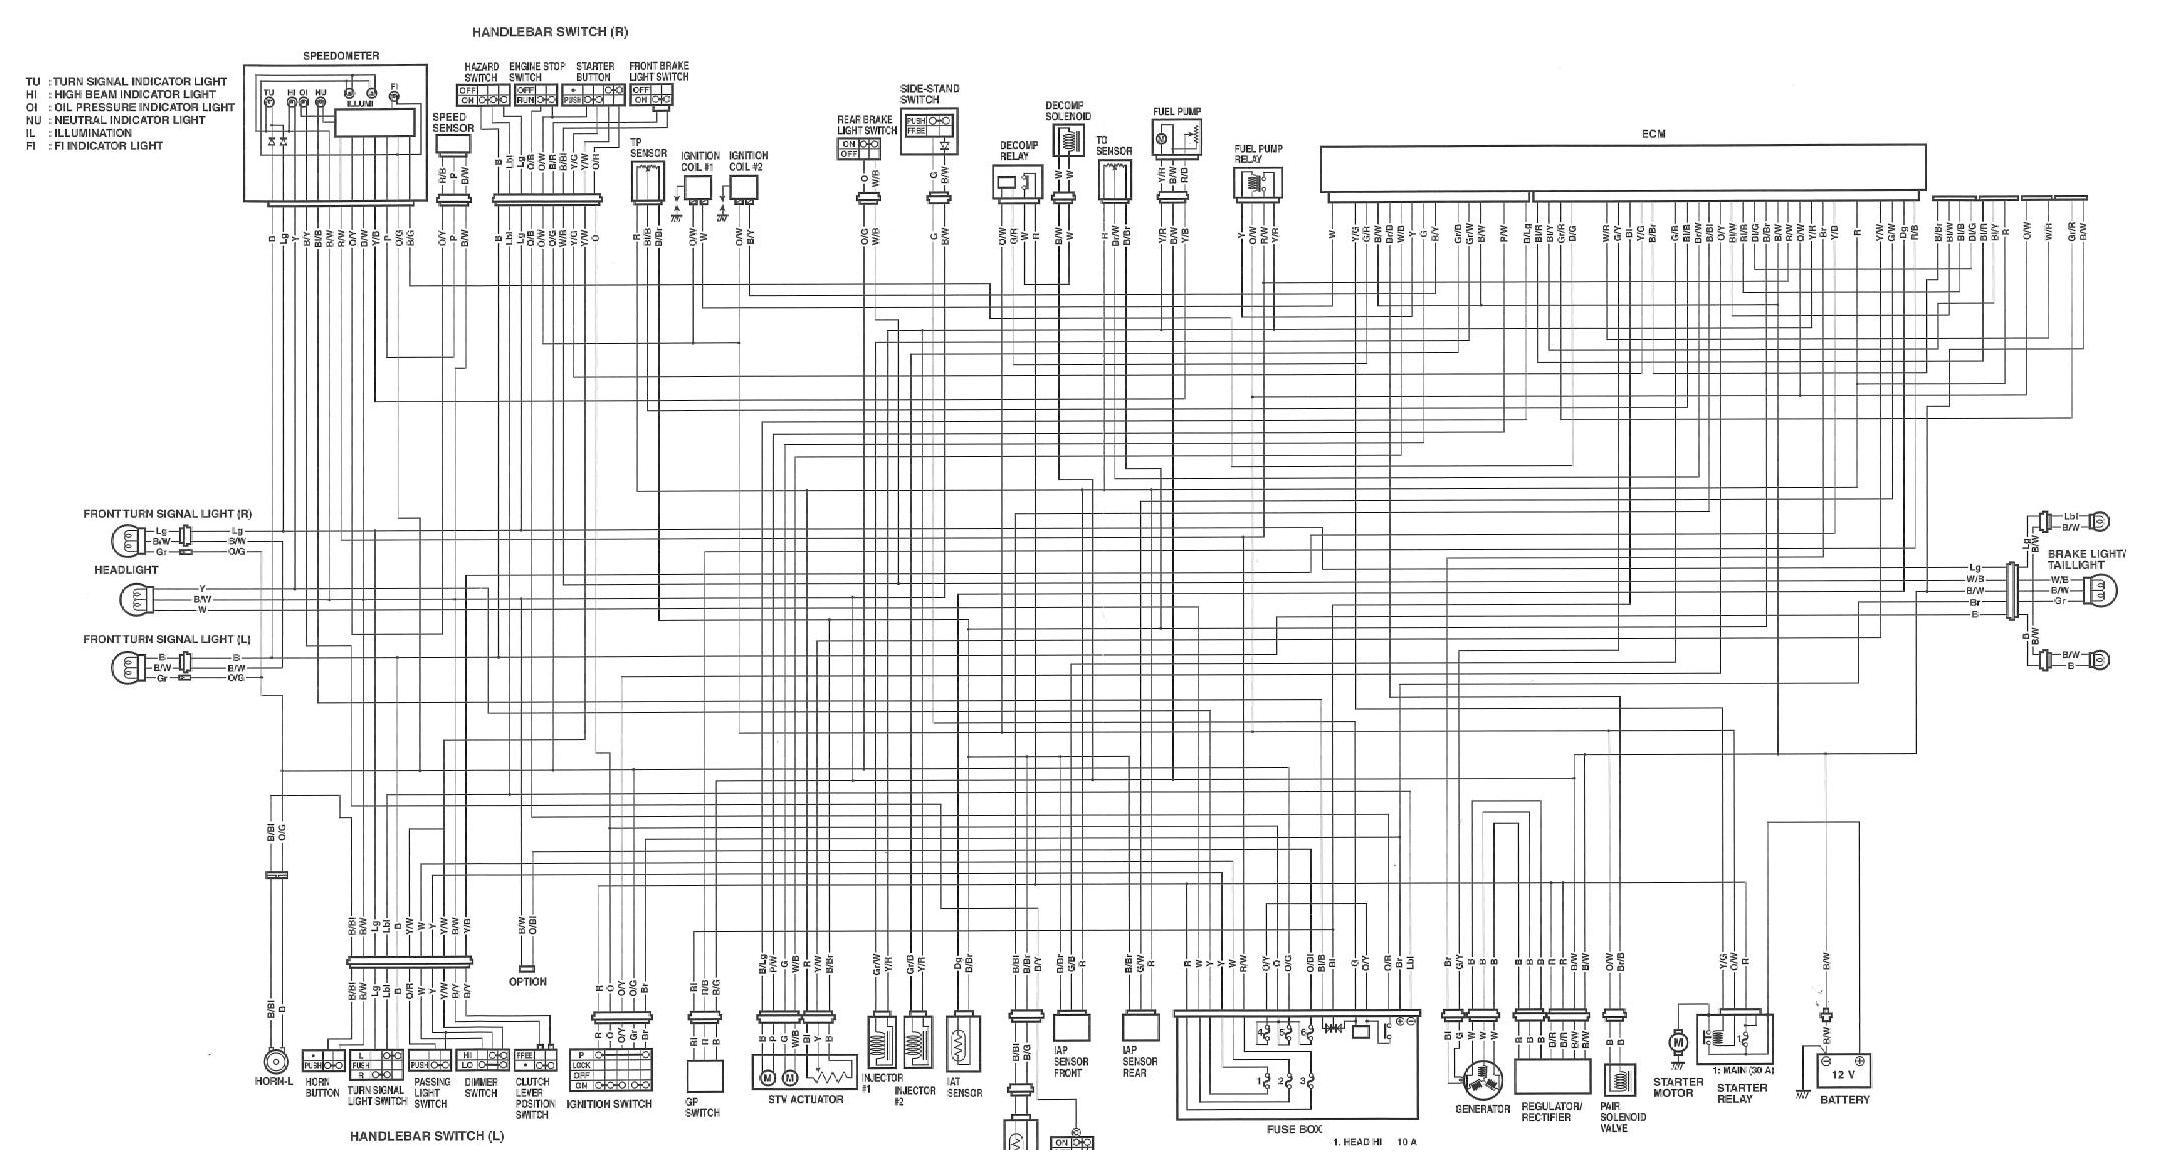 vl800 suzuki motorcycle wiring diagrams electrical wiring diagram suzuki vl800 wiring diagram suzuki [ 2163 x 1165 Pixel ]